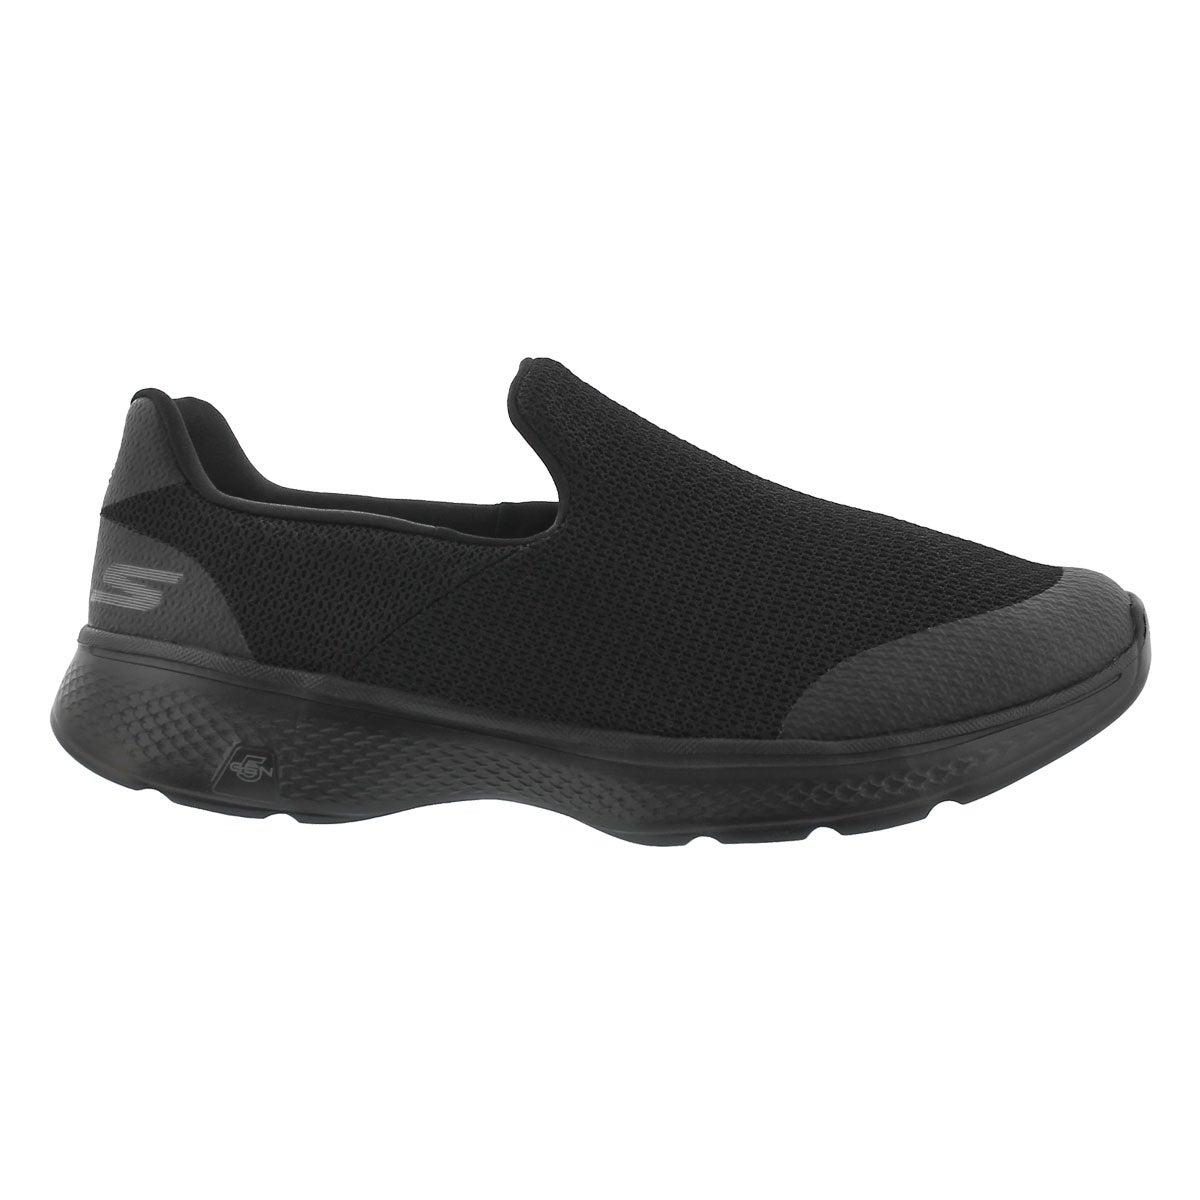 Mns GOwalk 4 Expert black slip on shoe